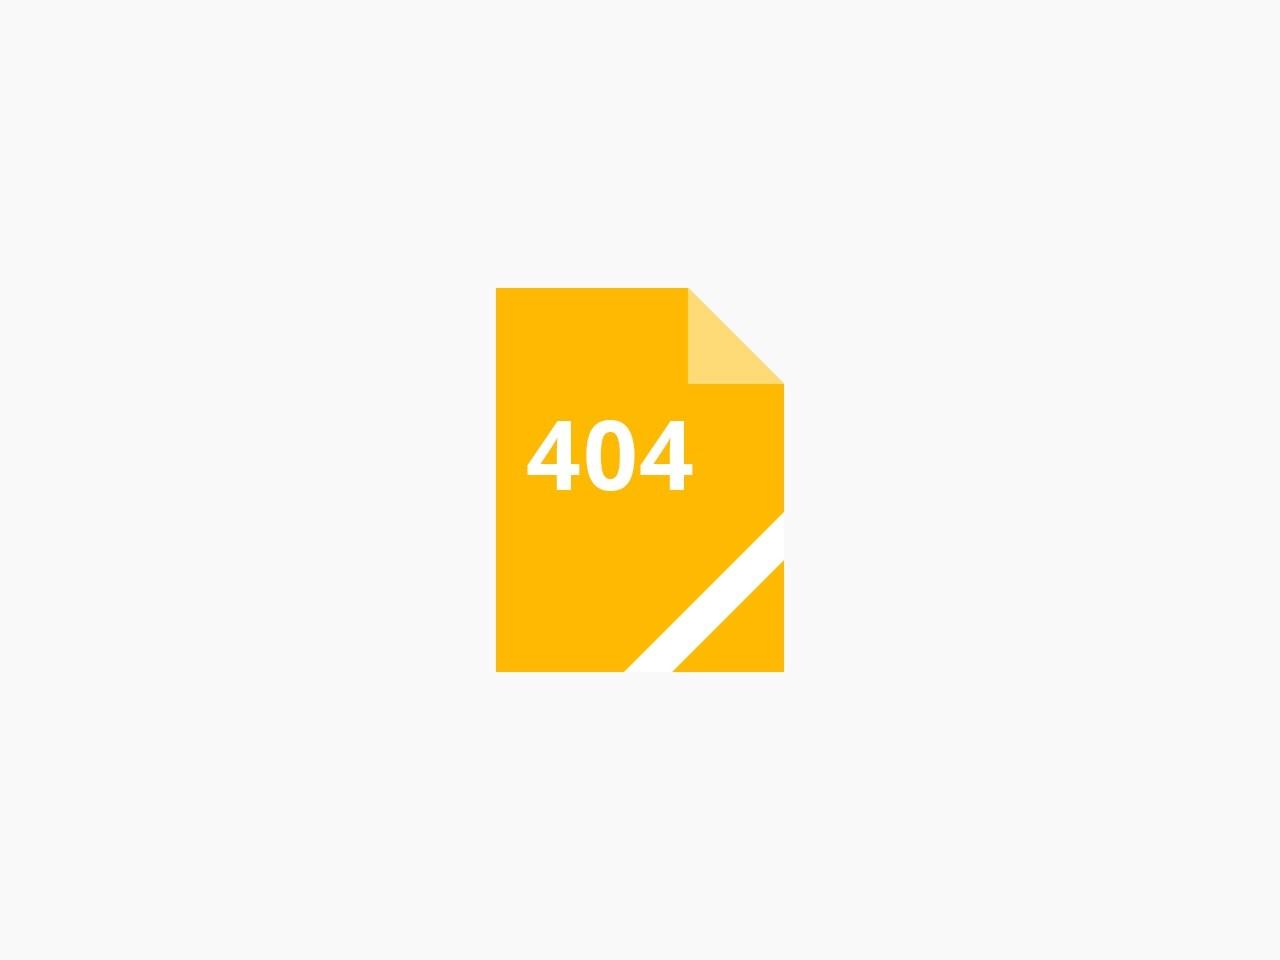 北京空灵广告设计公司